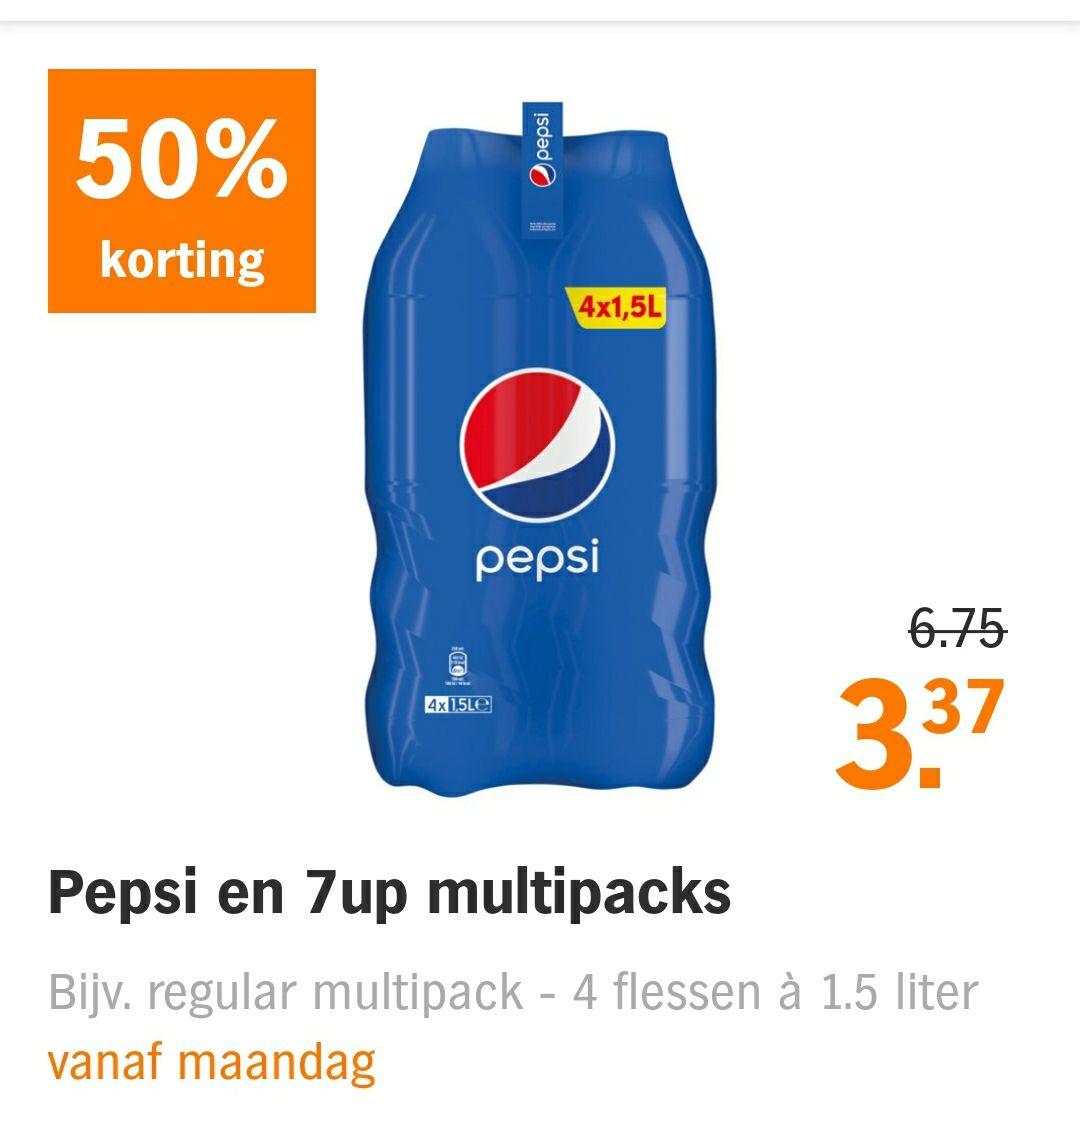 Pepsi en 7up voor 3,37 bij Albert Heijn